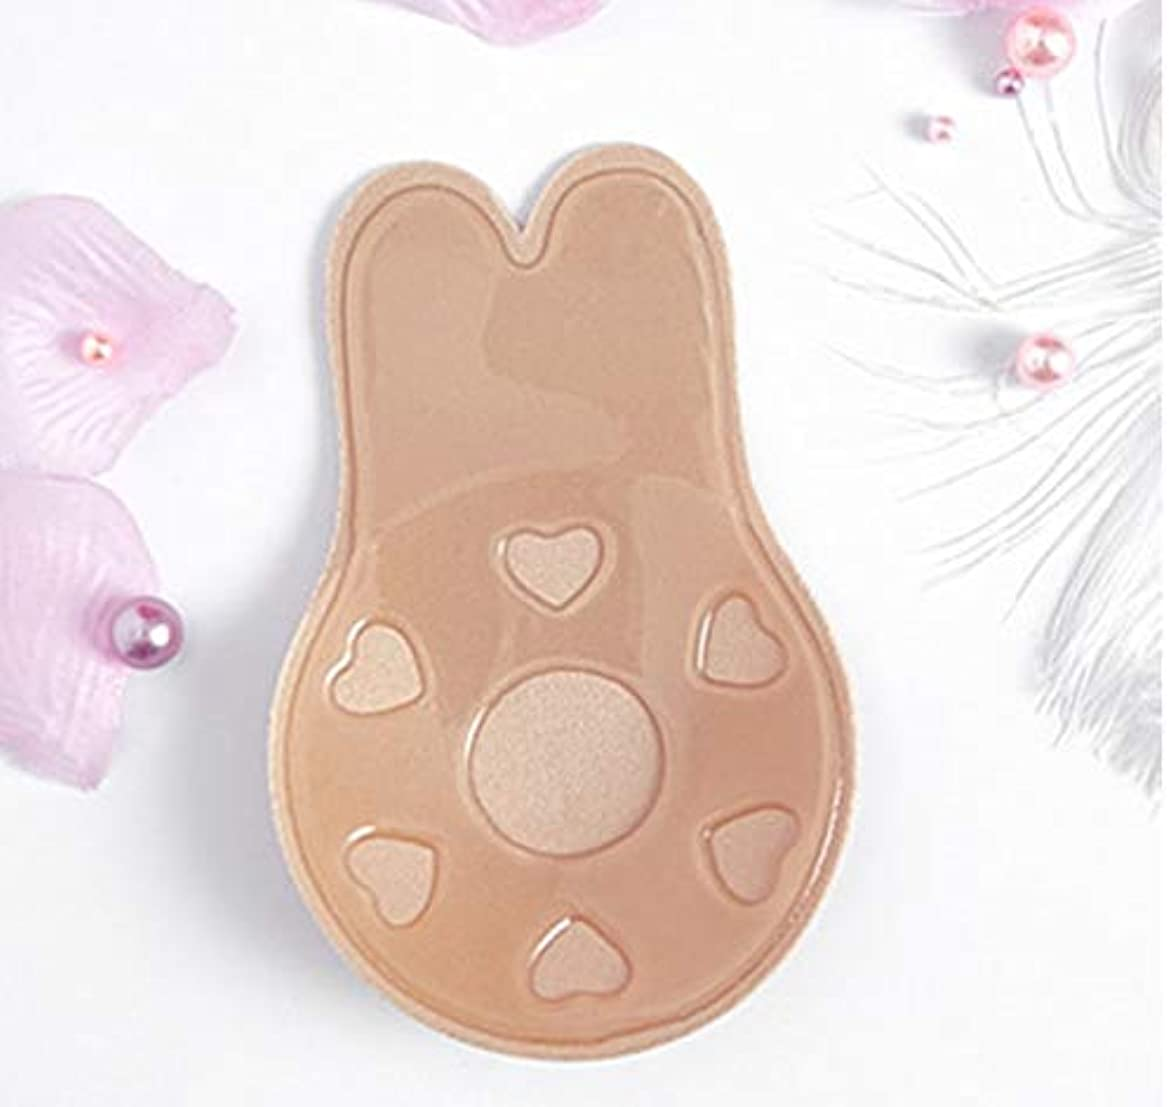 有用恐怖無心Lixiuqun home 3 PCS胸リフトテープはセクシーな下着アクセサリーを再利用可能な乳房乳首カバー見えない接着剤ブラジャーをプッシュアップ(ABサイズ(直径:9cm)) (色 : AB Size (diameter...